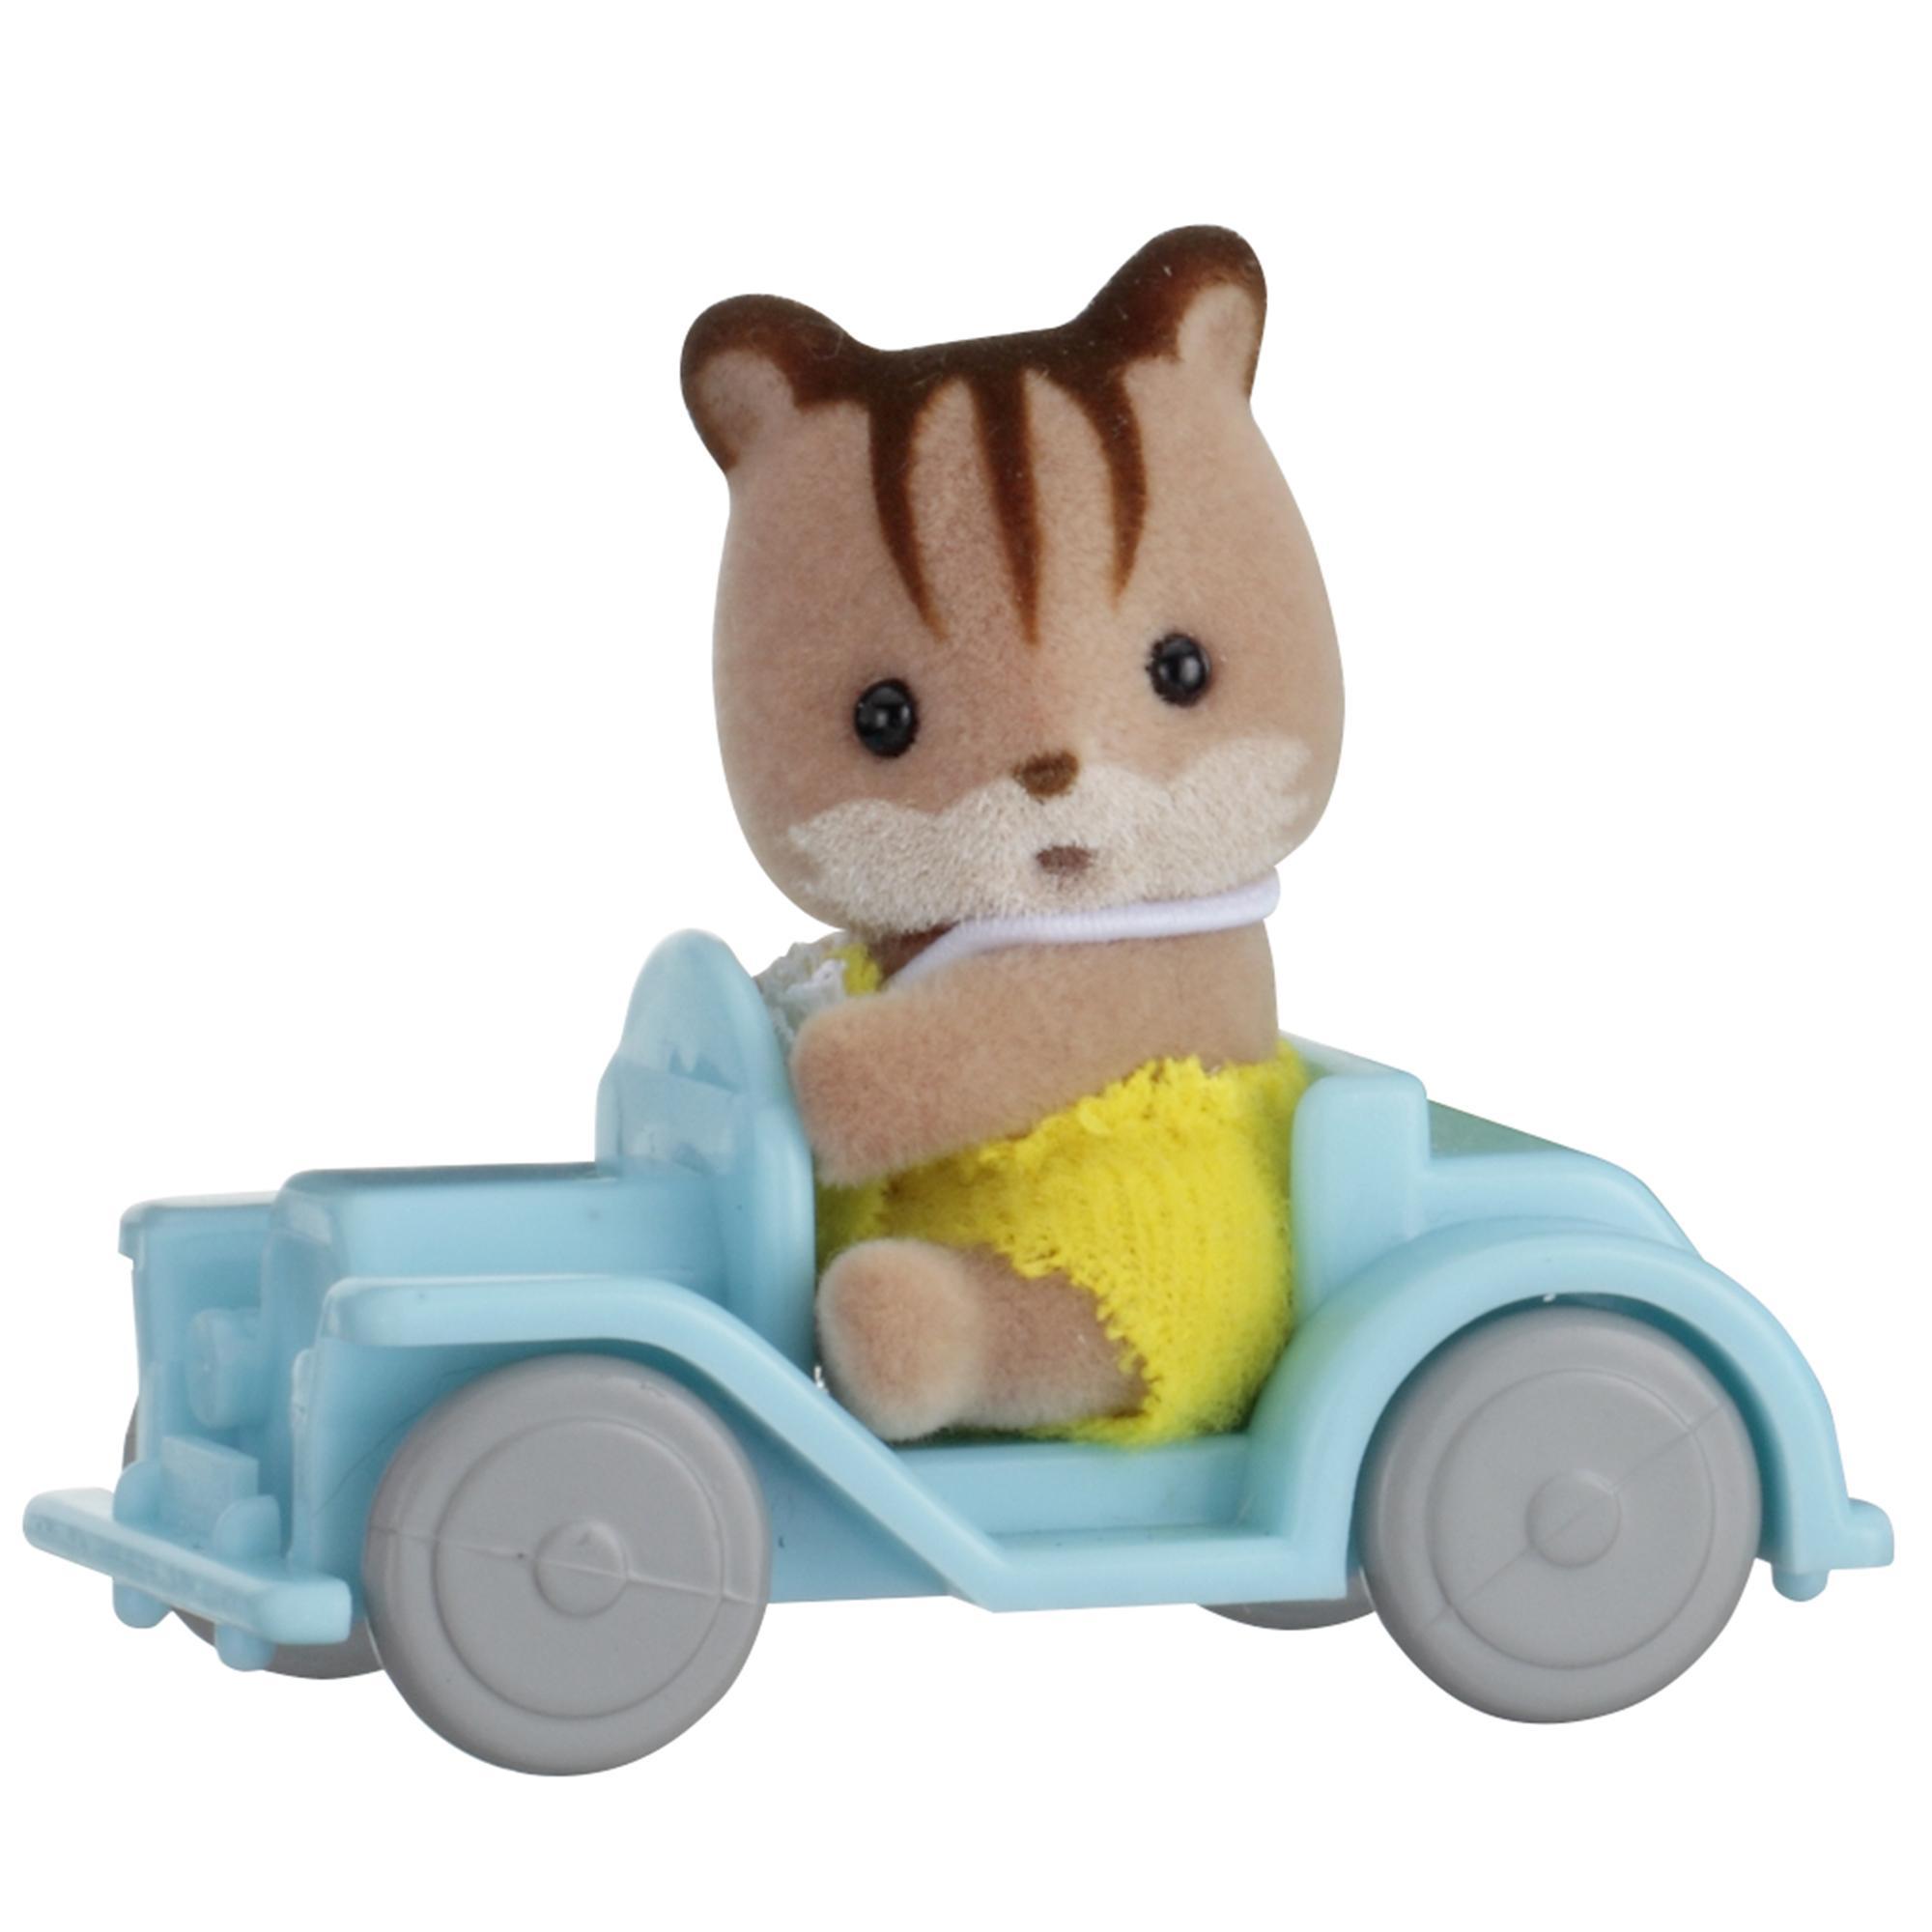 Набор Младенец в пластиковом сундучке  - Бельчонок на машинеСемьи и малыши<br>Набор Младенец в пластиковом сундучке  - Бельчонок на машине<br>